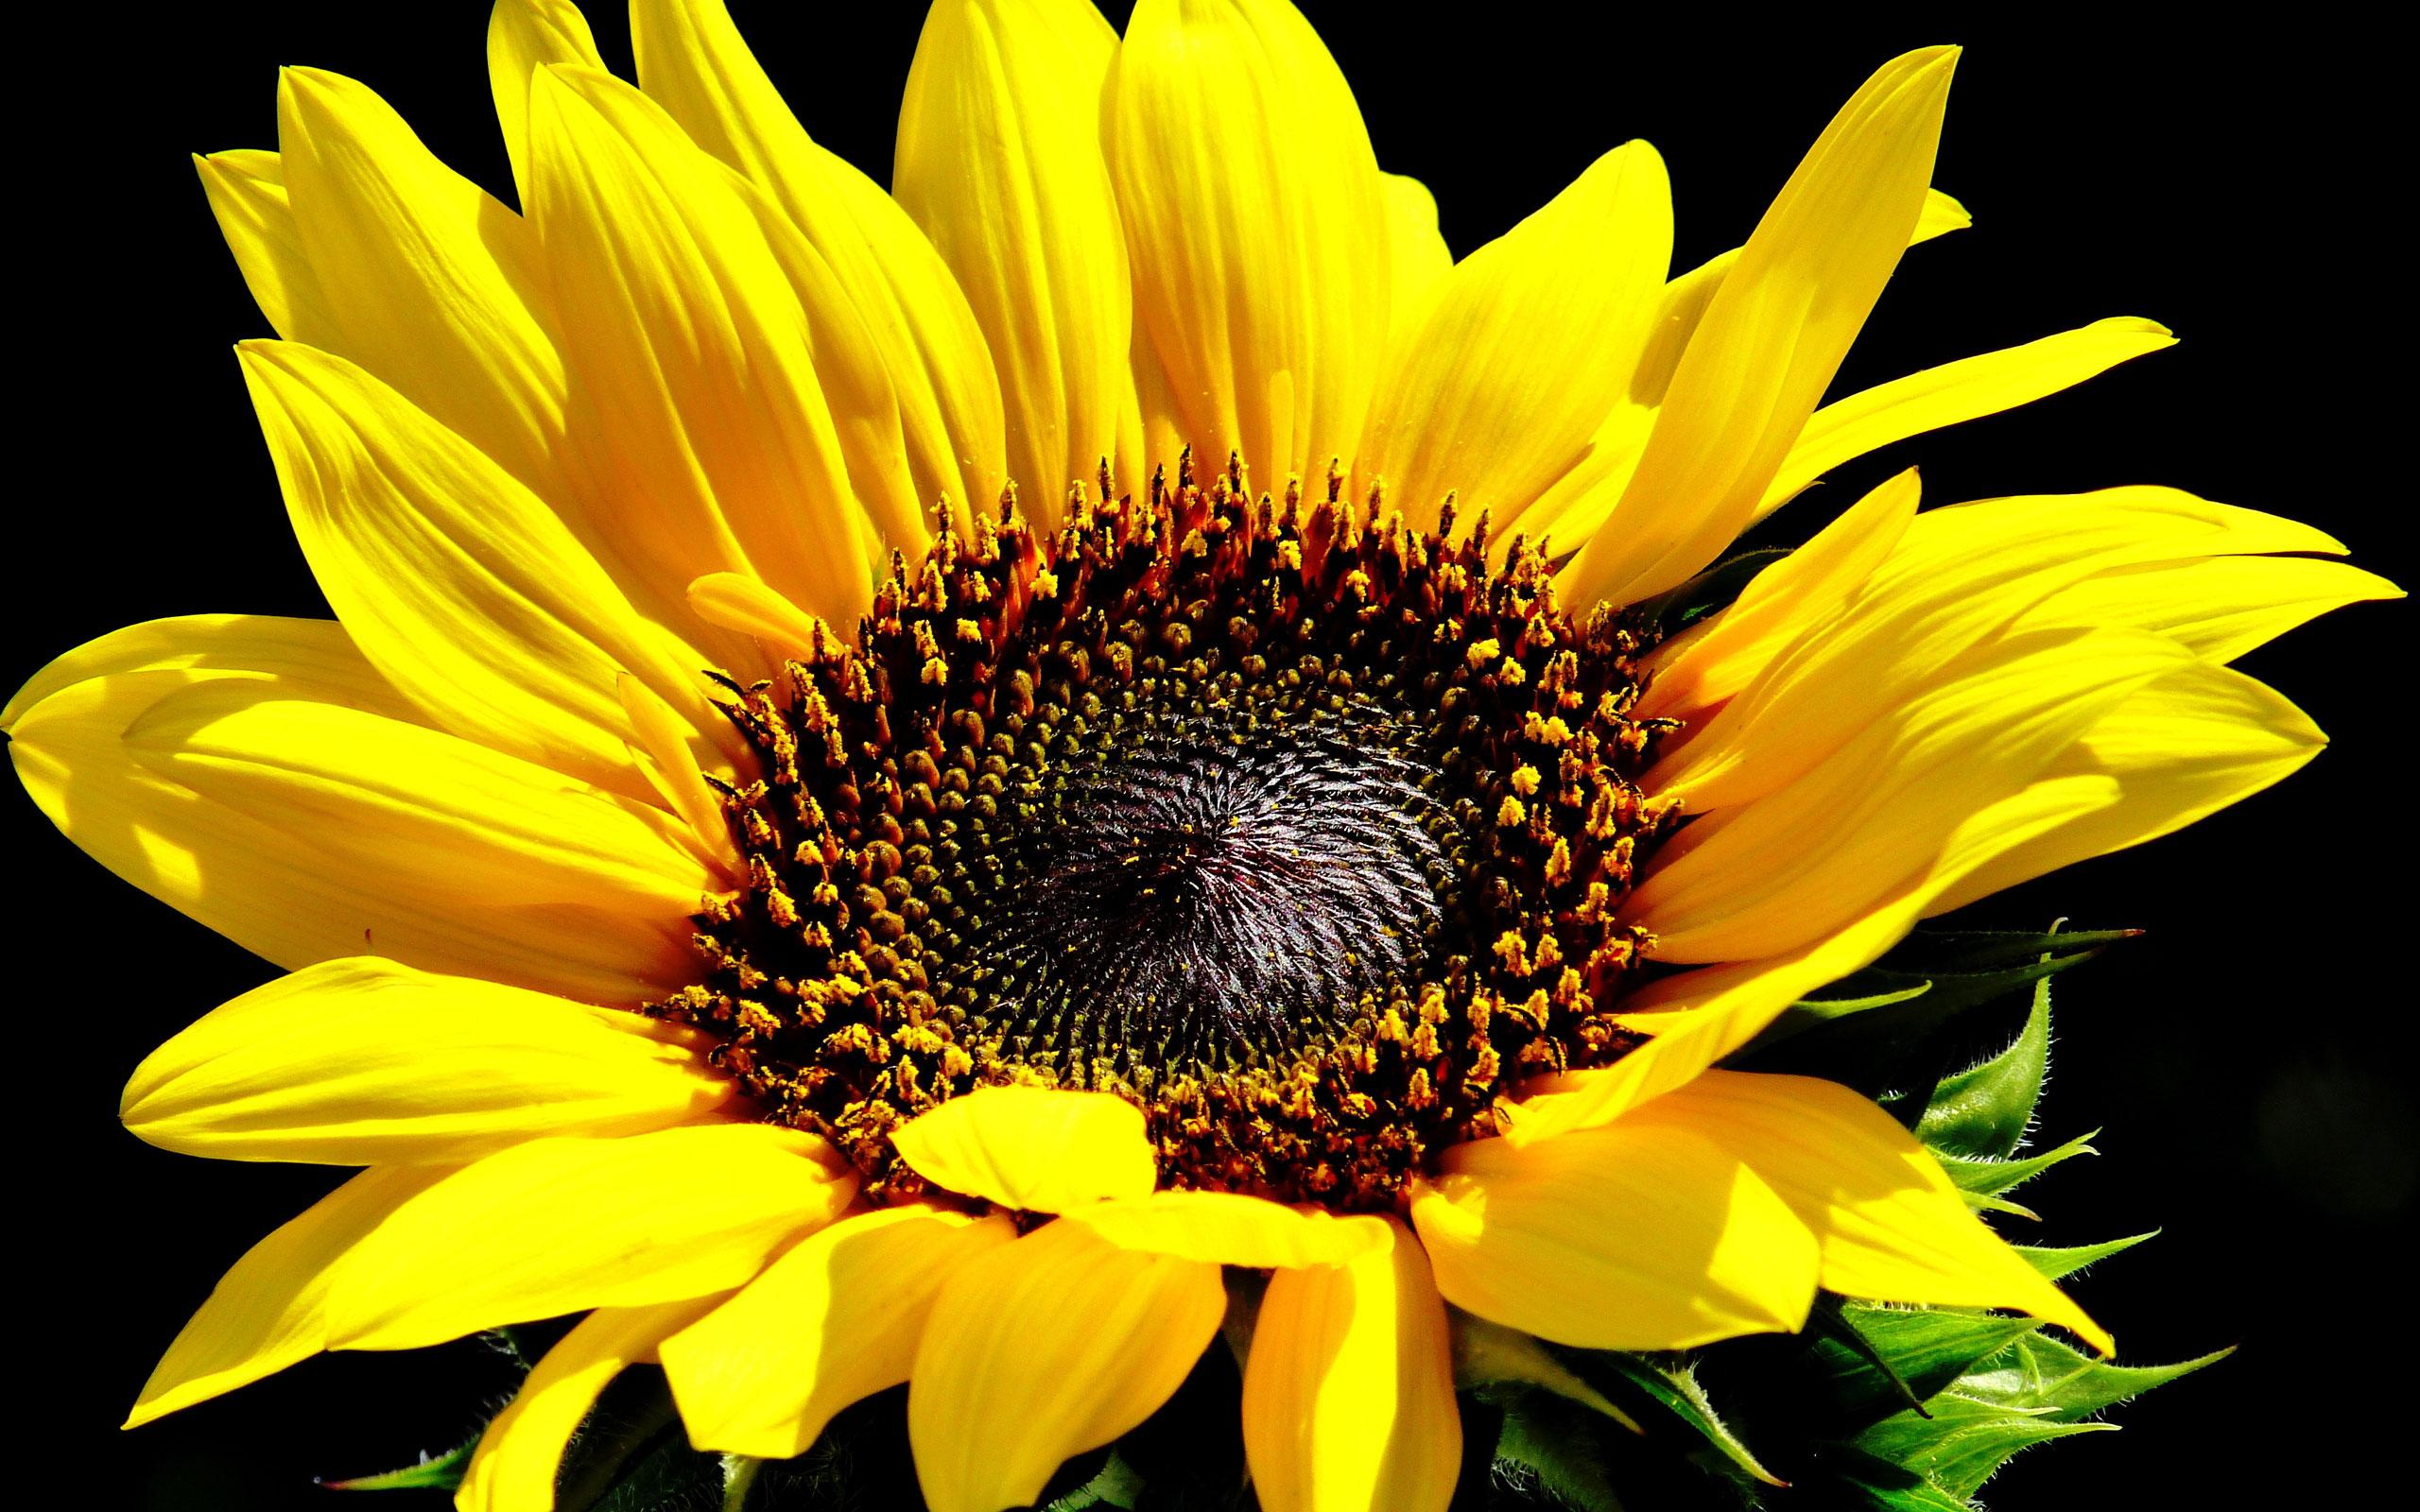 Hình nền điện thoại cực đẹp một đóa hoa hướng dương